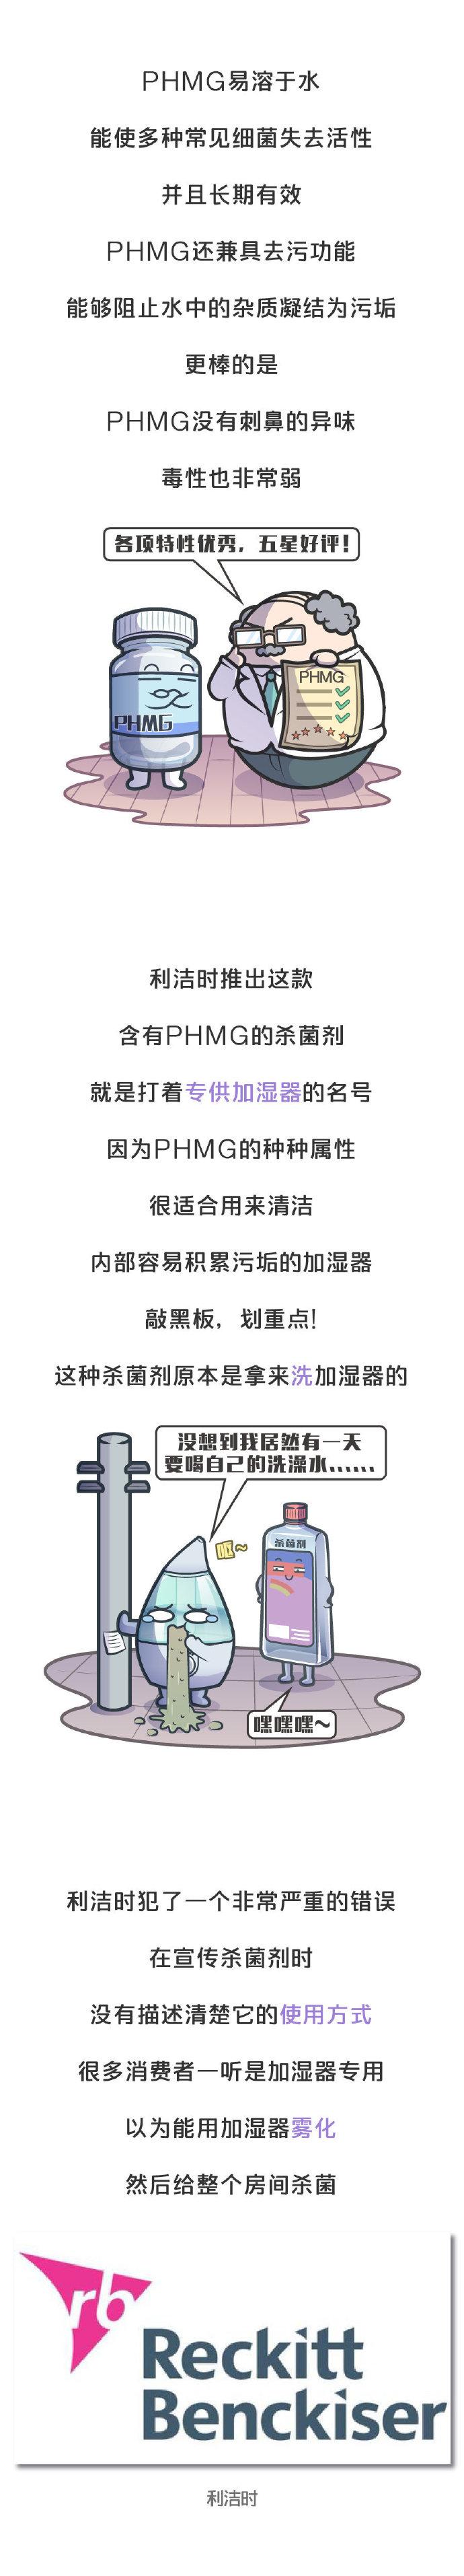 加湿器杀人事件:本该带来健康的机器,害死了1.4万韩国人